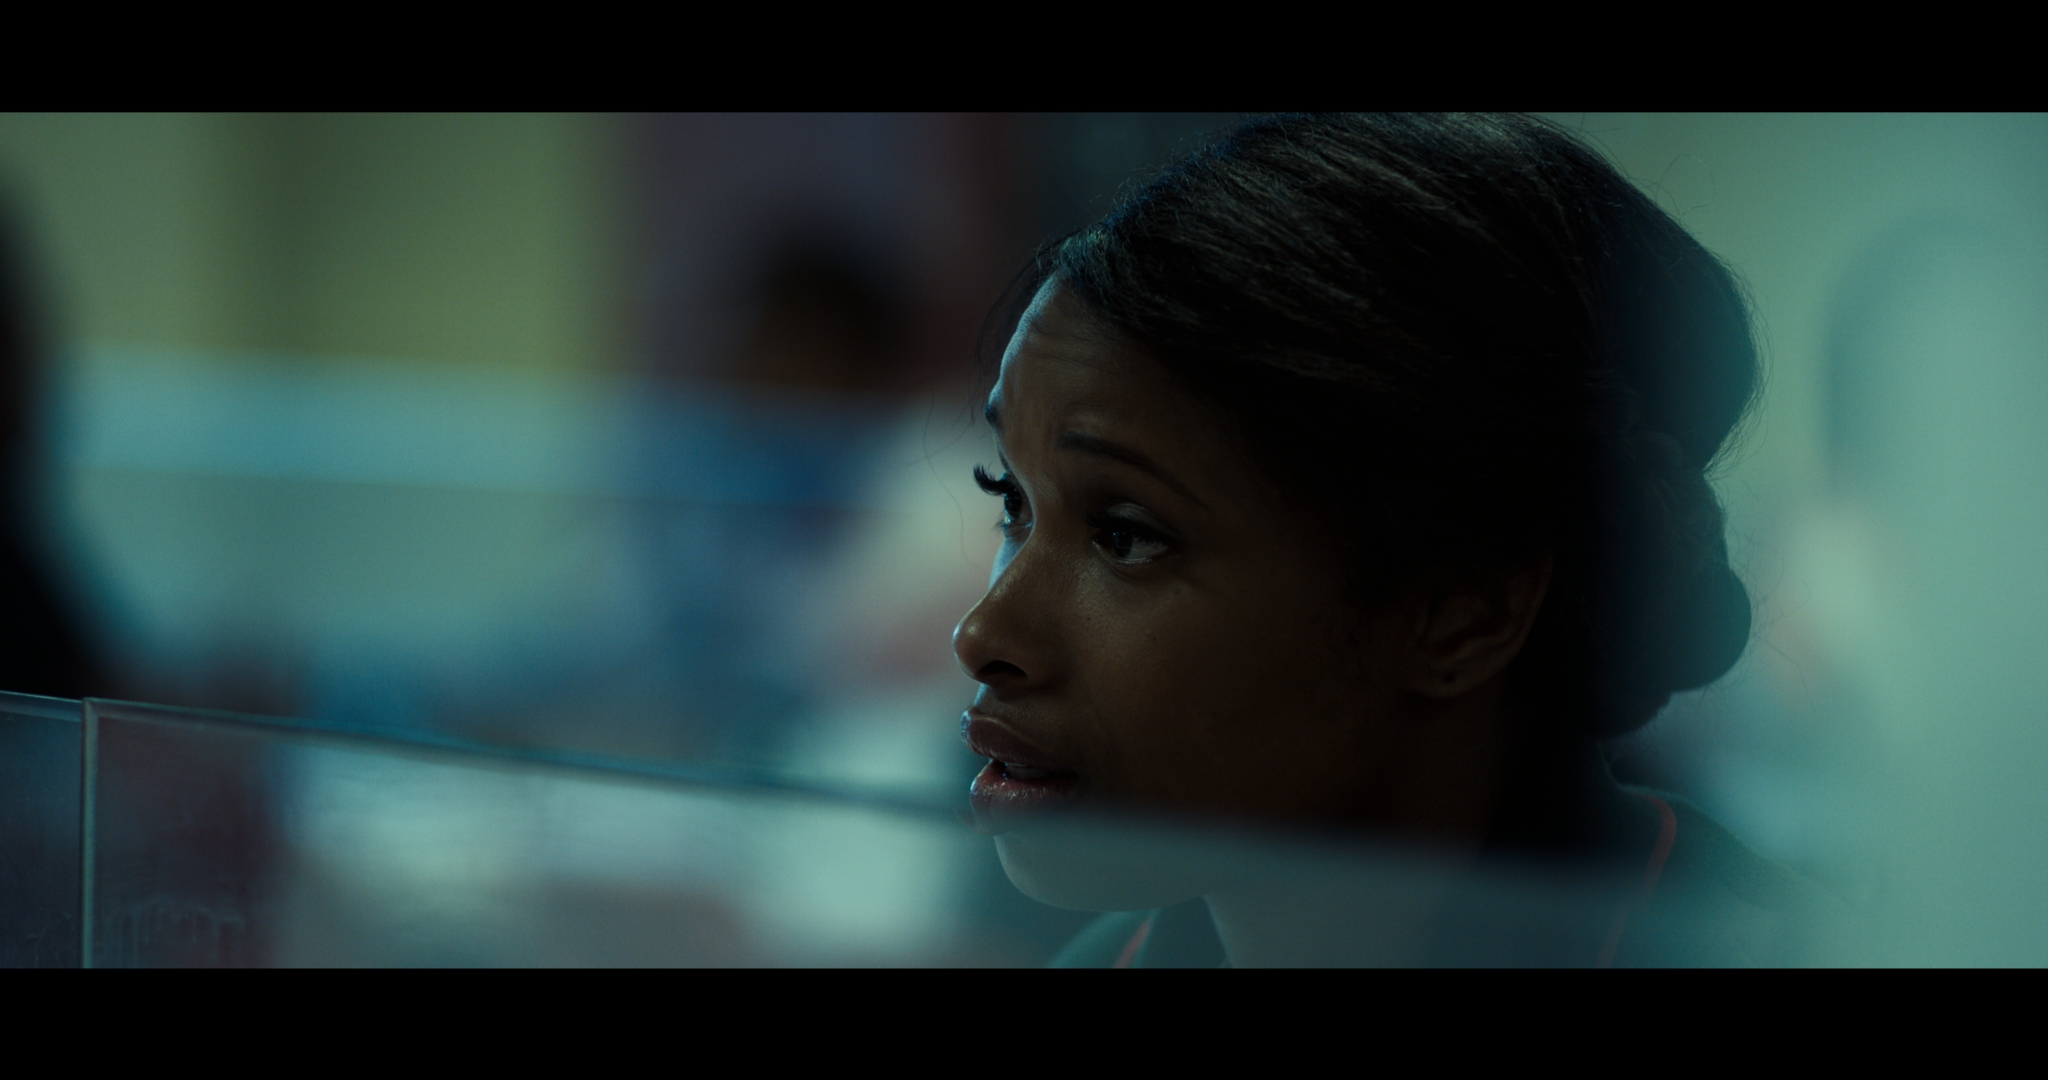 Jennifer Hudson als Mrs. Harmon inMonster! Monster? ist das Regiedebüt eines Musikvideomachers, das von einem Mordangeklagten und dessen Fall vor Gericht erzählt.. Sie blickt leer vor sich hin. Der Hintergrund ist unscharf.